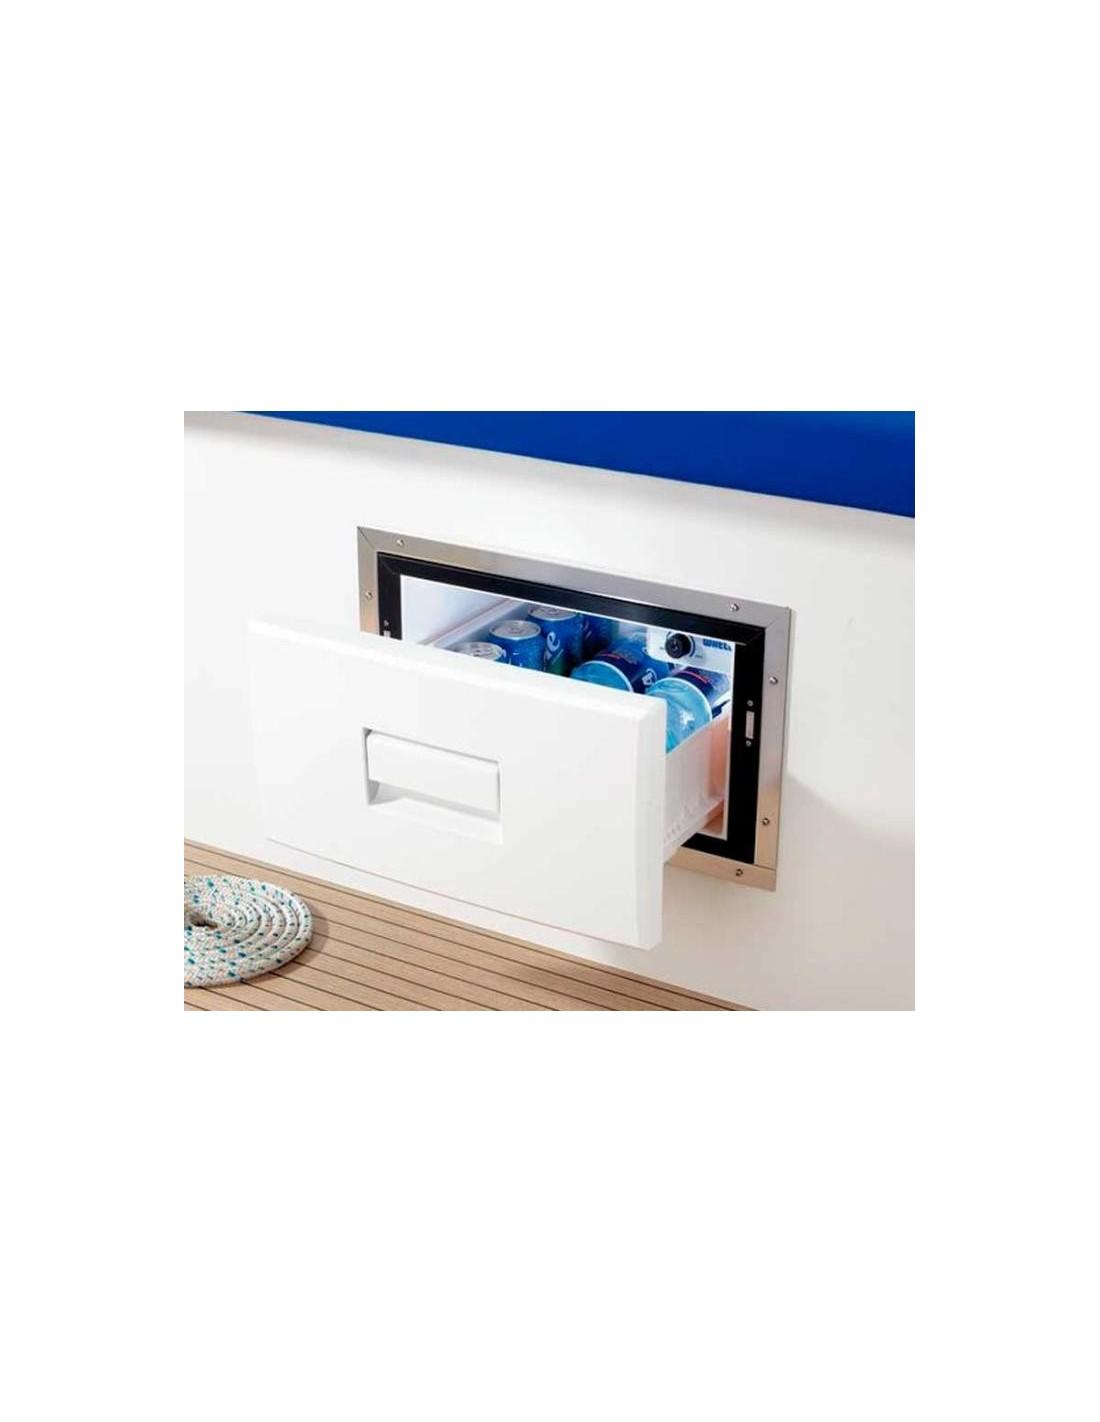 dometic kompressor k hlbox 12v 24v k hlschrank cd 30. Black Bedroom Furniture Sets. Home Design Ideas